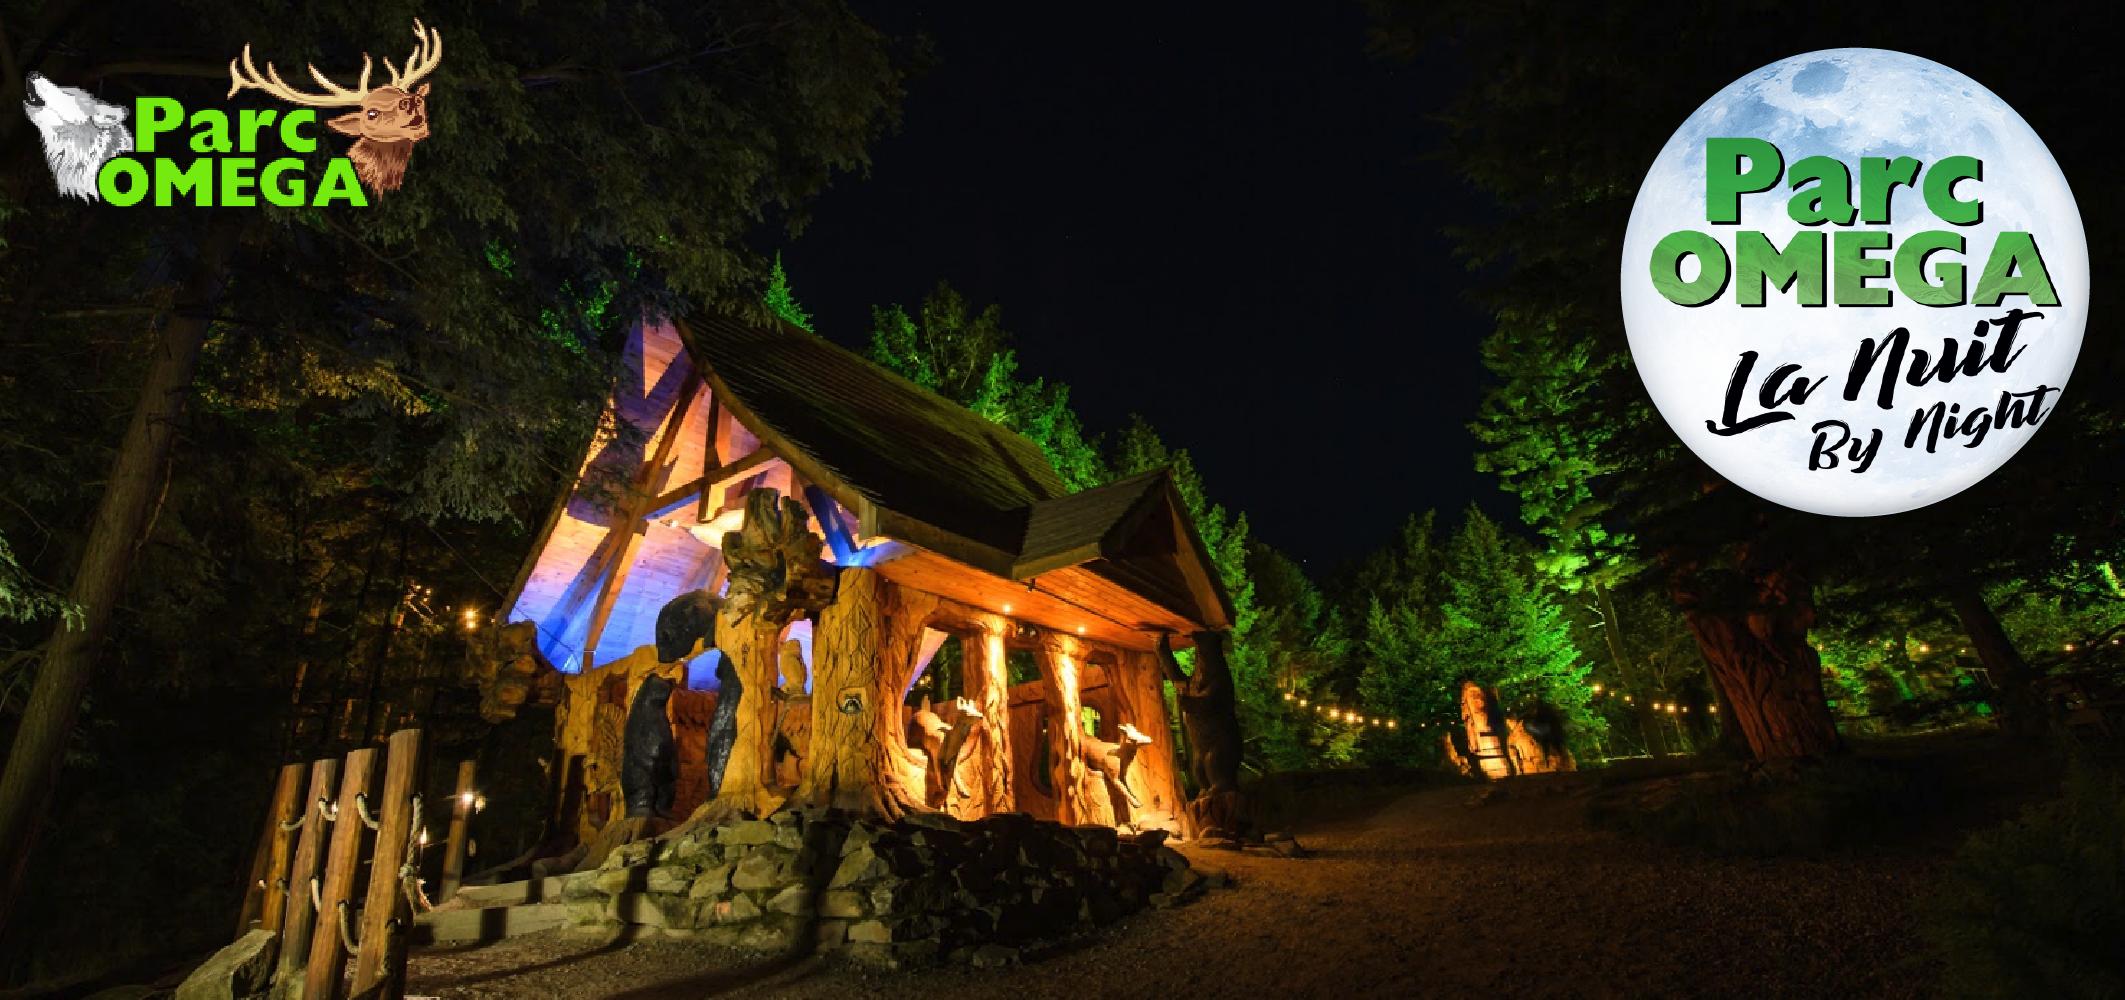 Gagnez un laissez-passer familial pour le Parc Omega et leur nouvelle attraction de nuit!